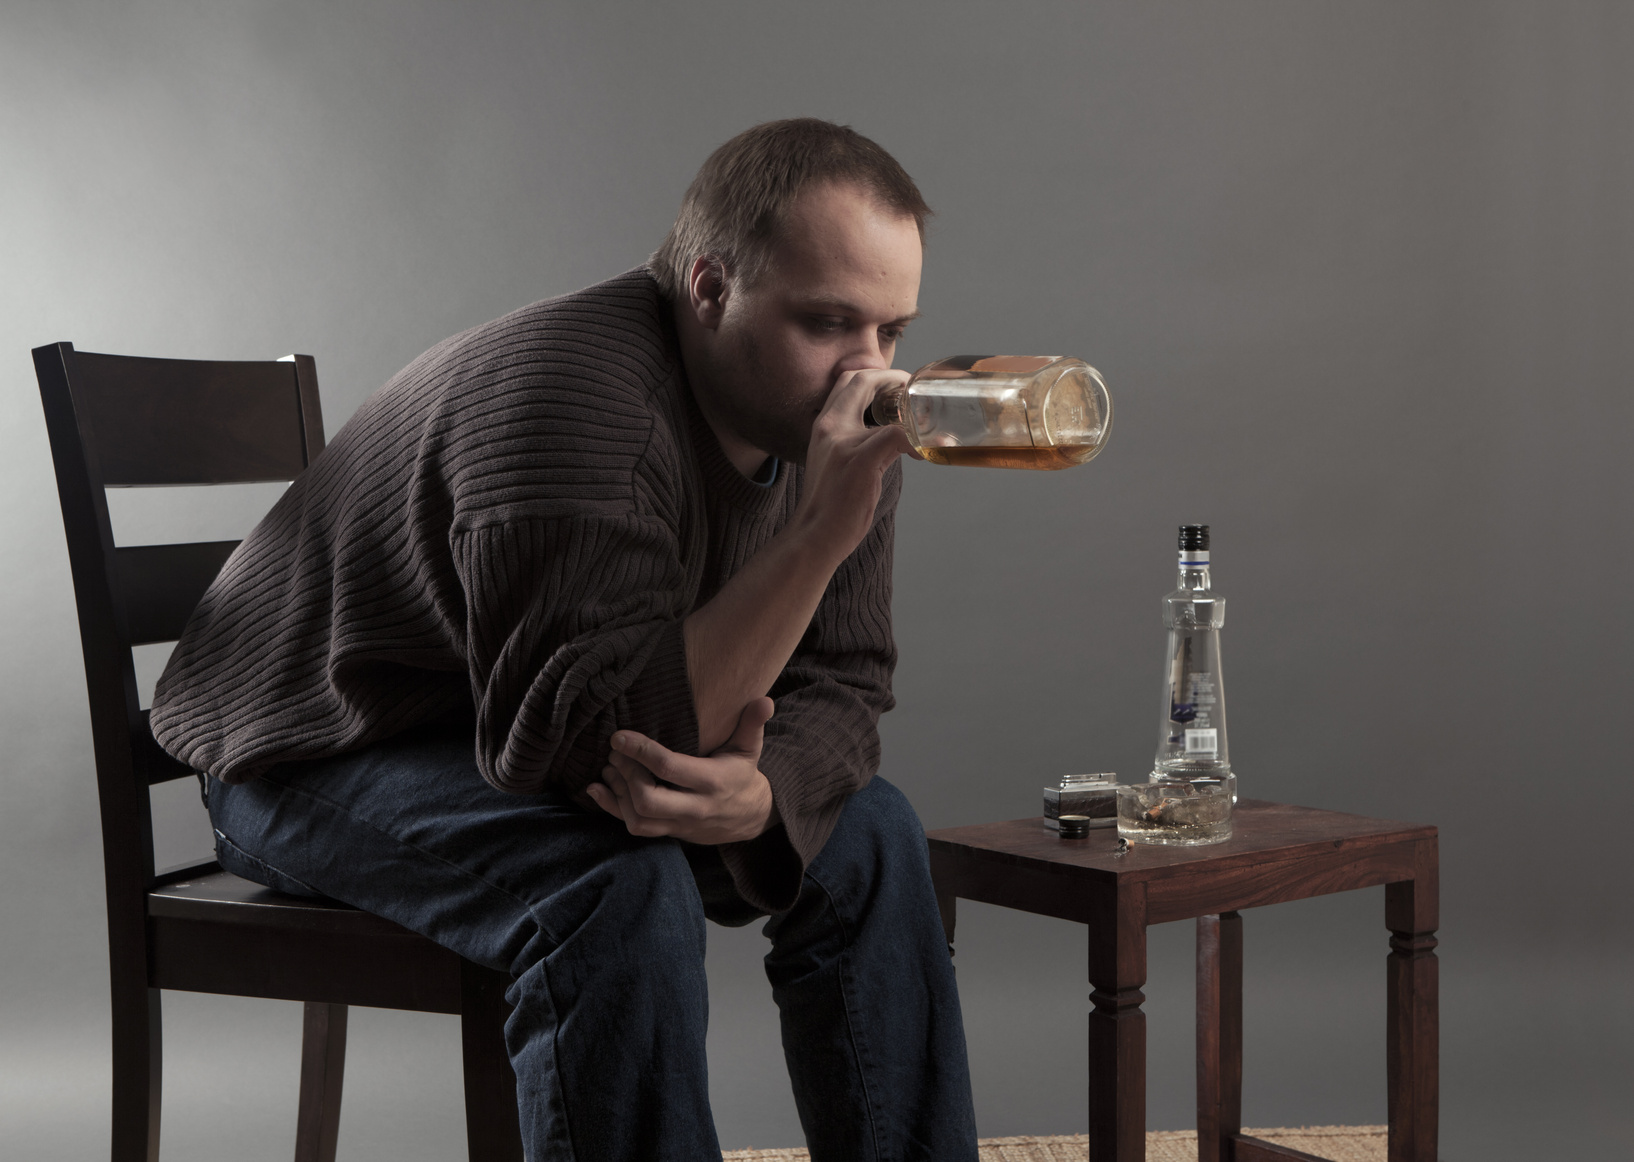 Памятка алкоголизм и здоровье